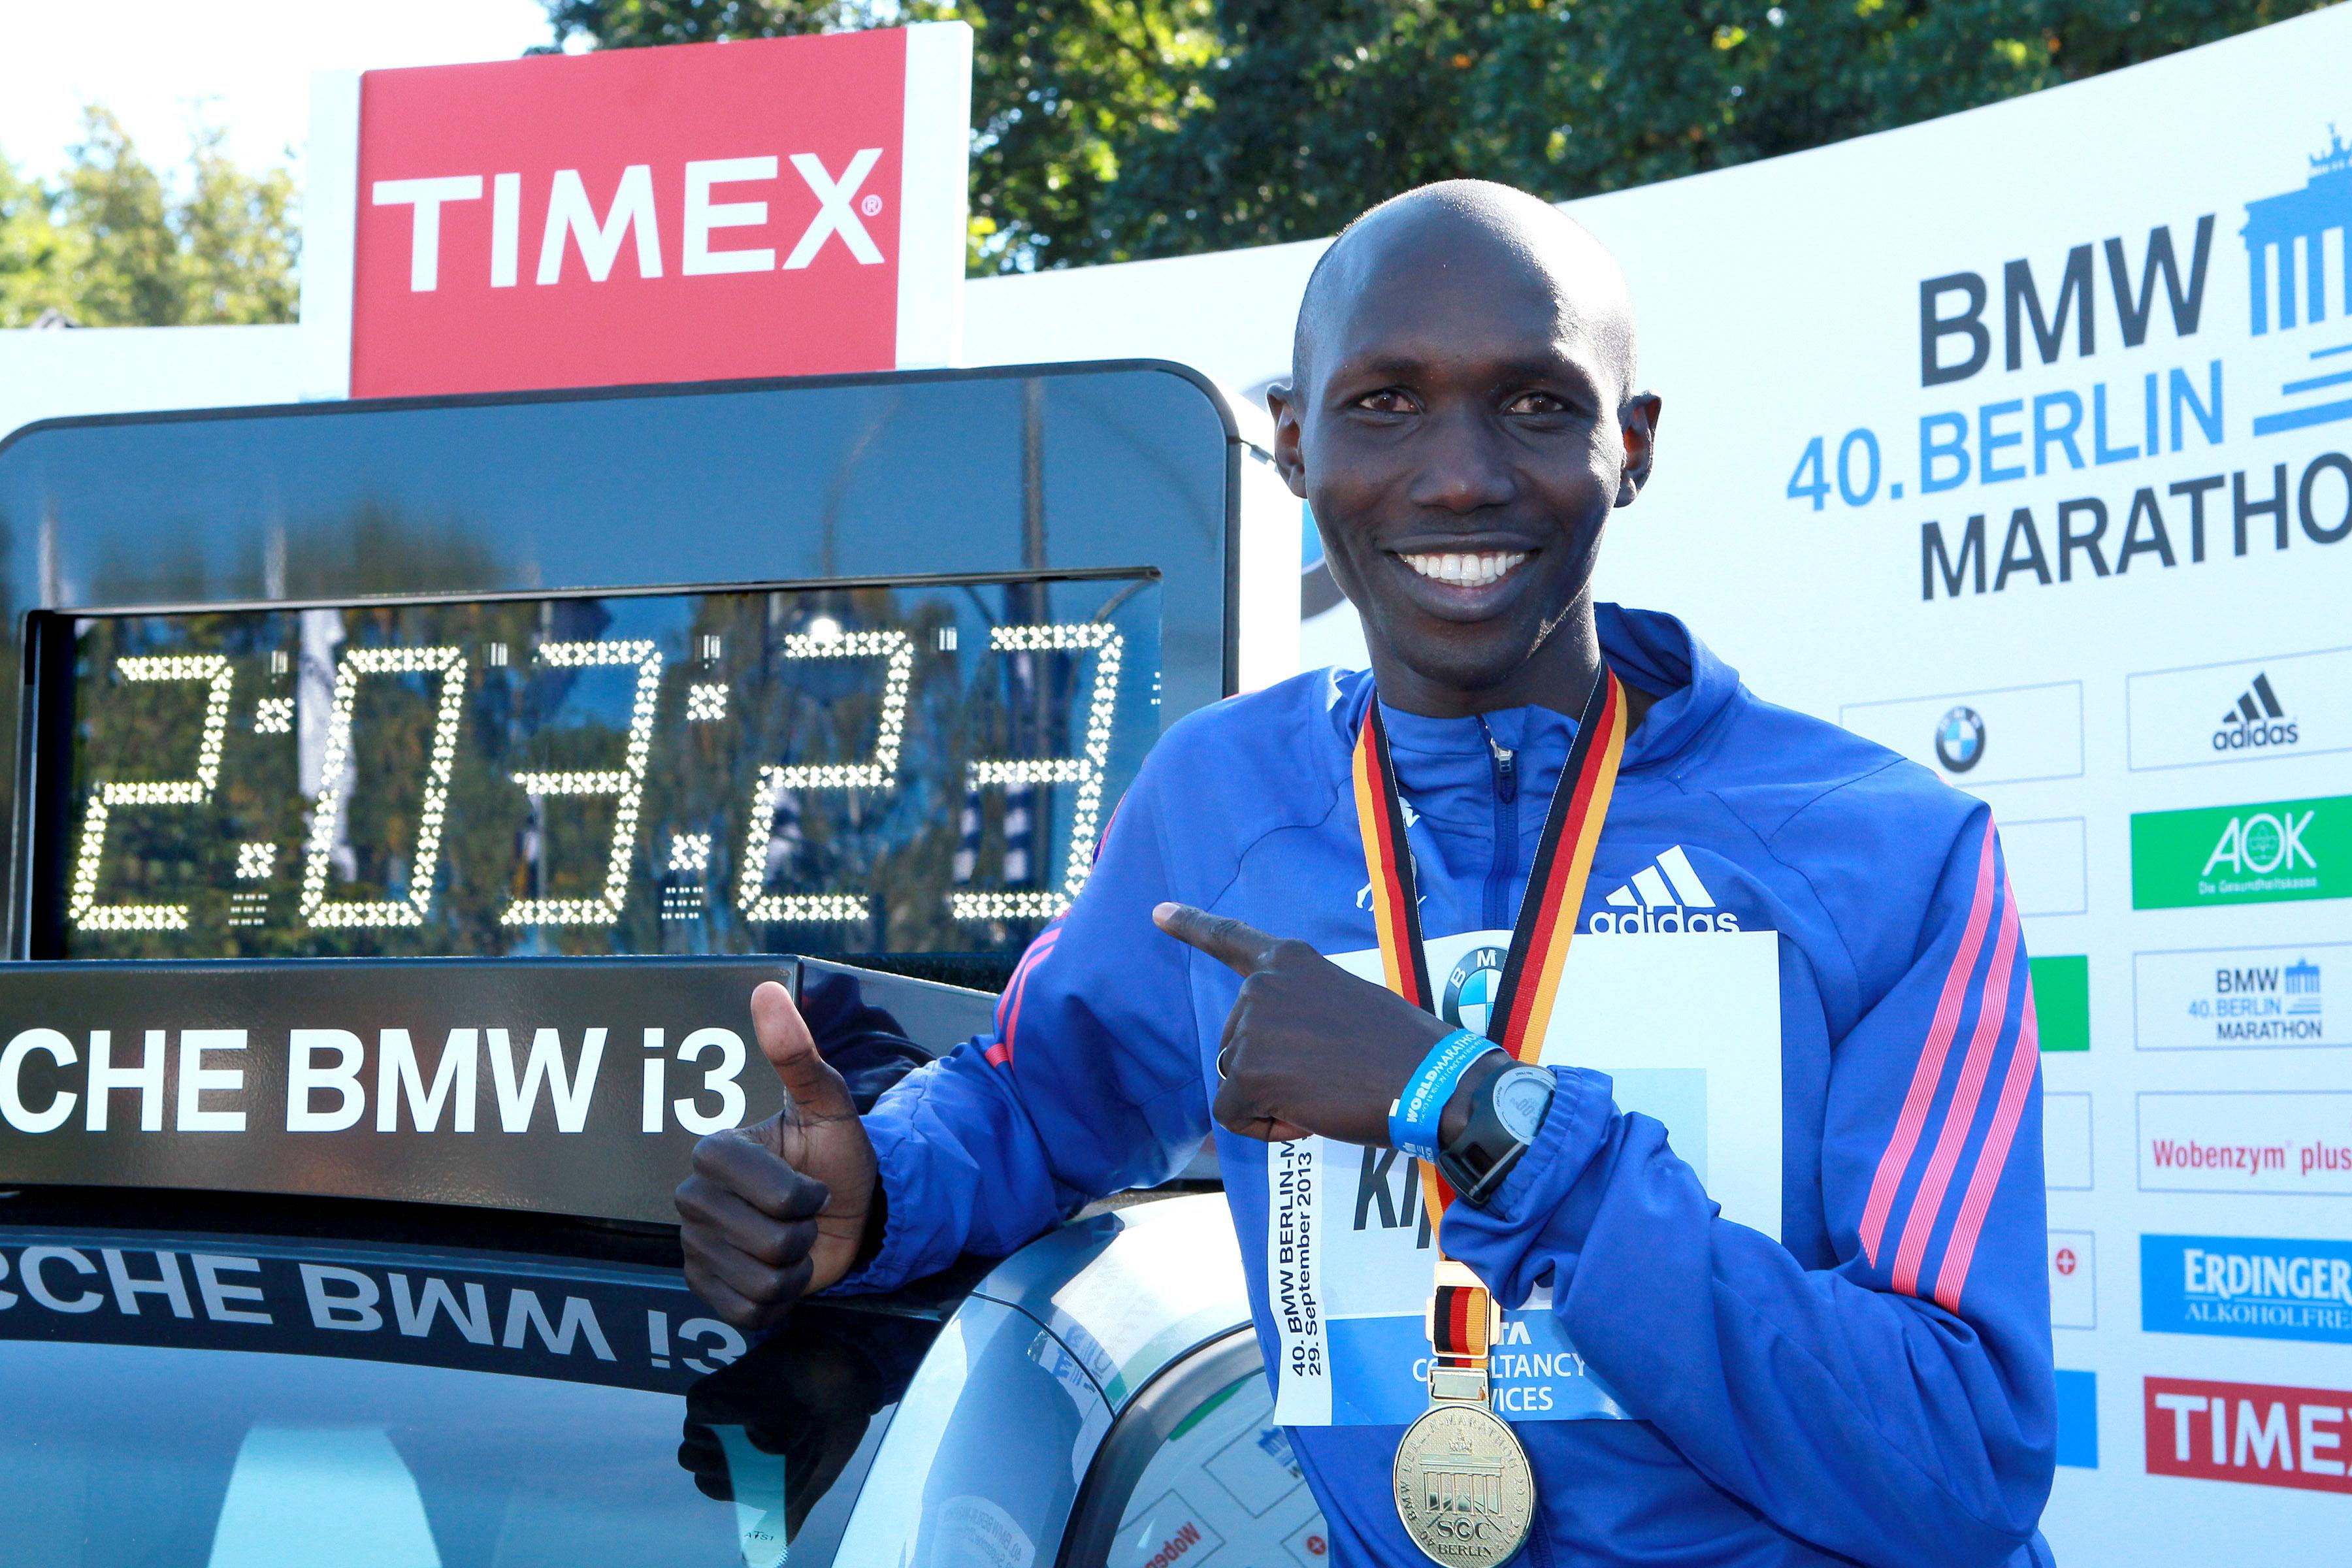 verdensrekord maraton